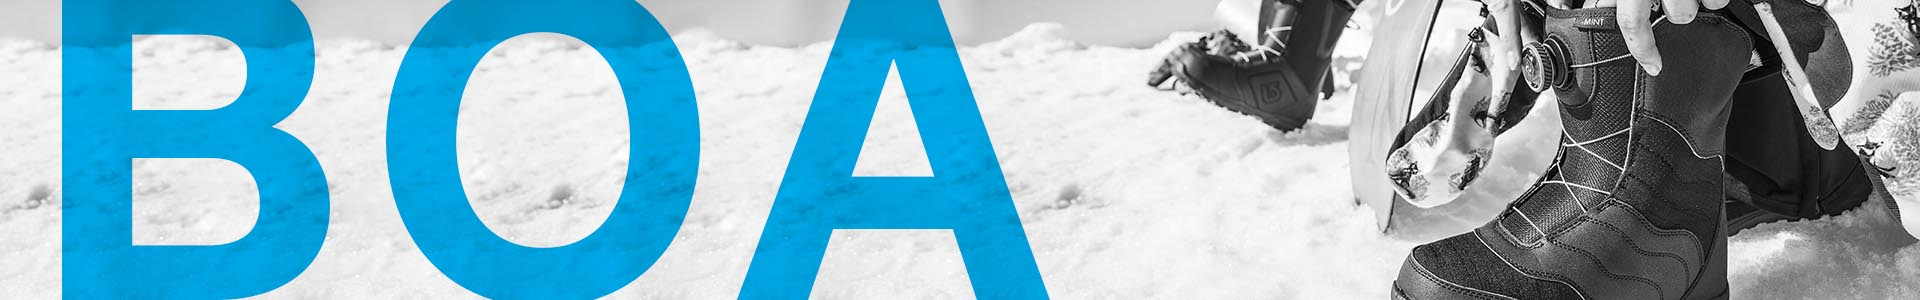 snowboard-boots-boa.jpg